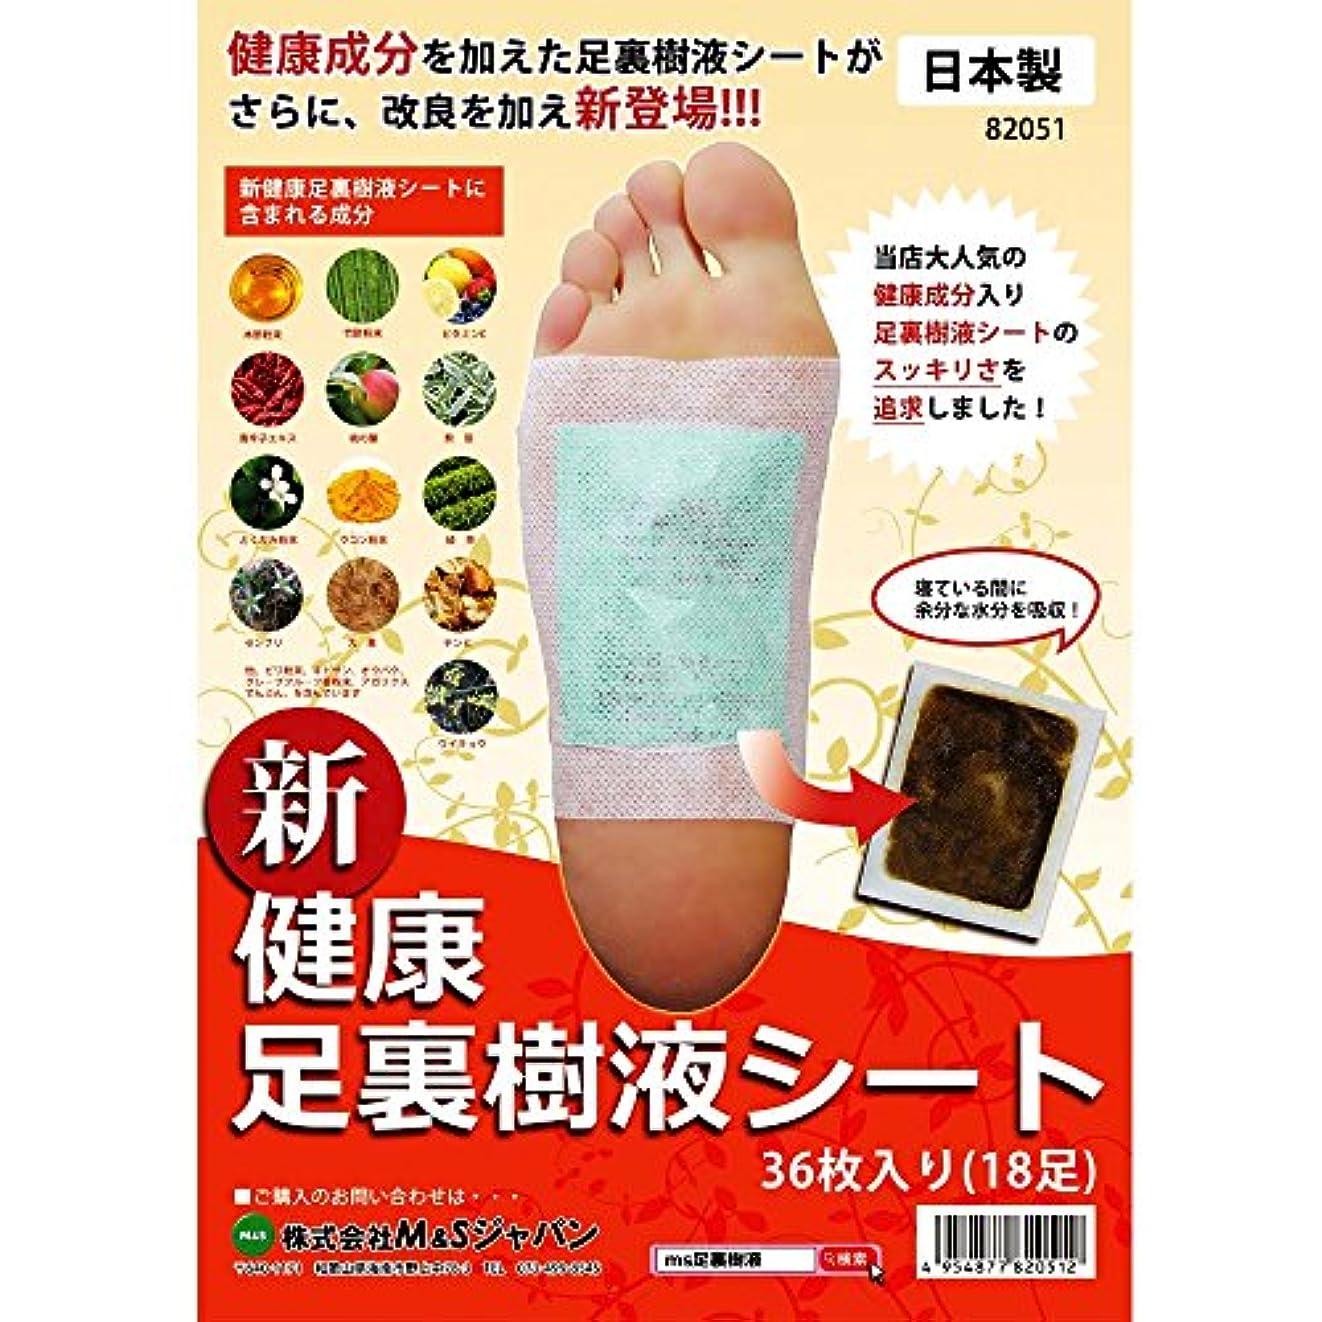 予言する戸棚独裁日本製 新健康足裏樹液シート M&Sジャパン 樹液 シート フット ケア 足ツボ